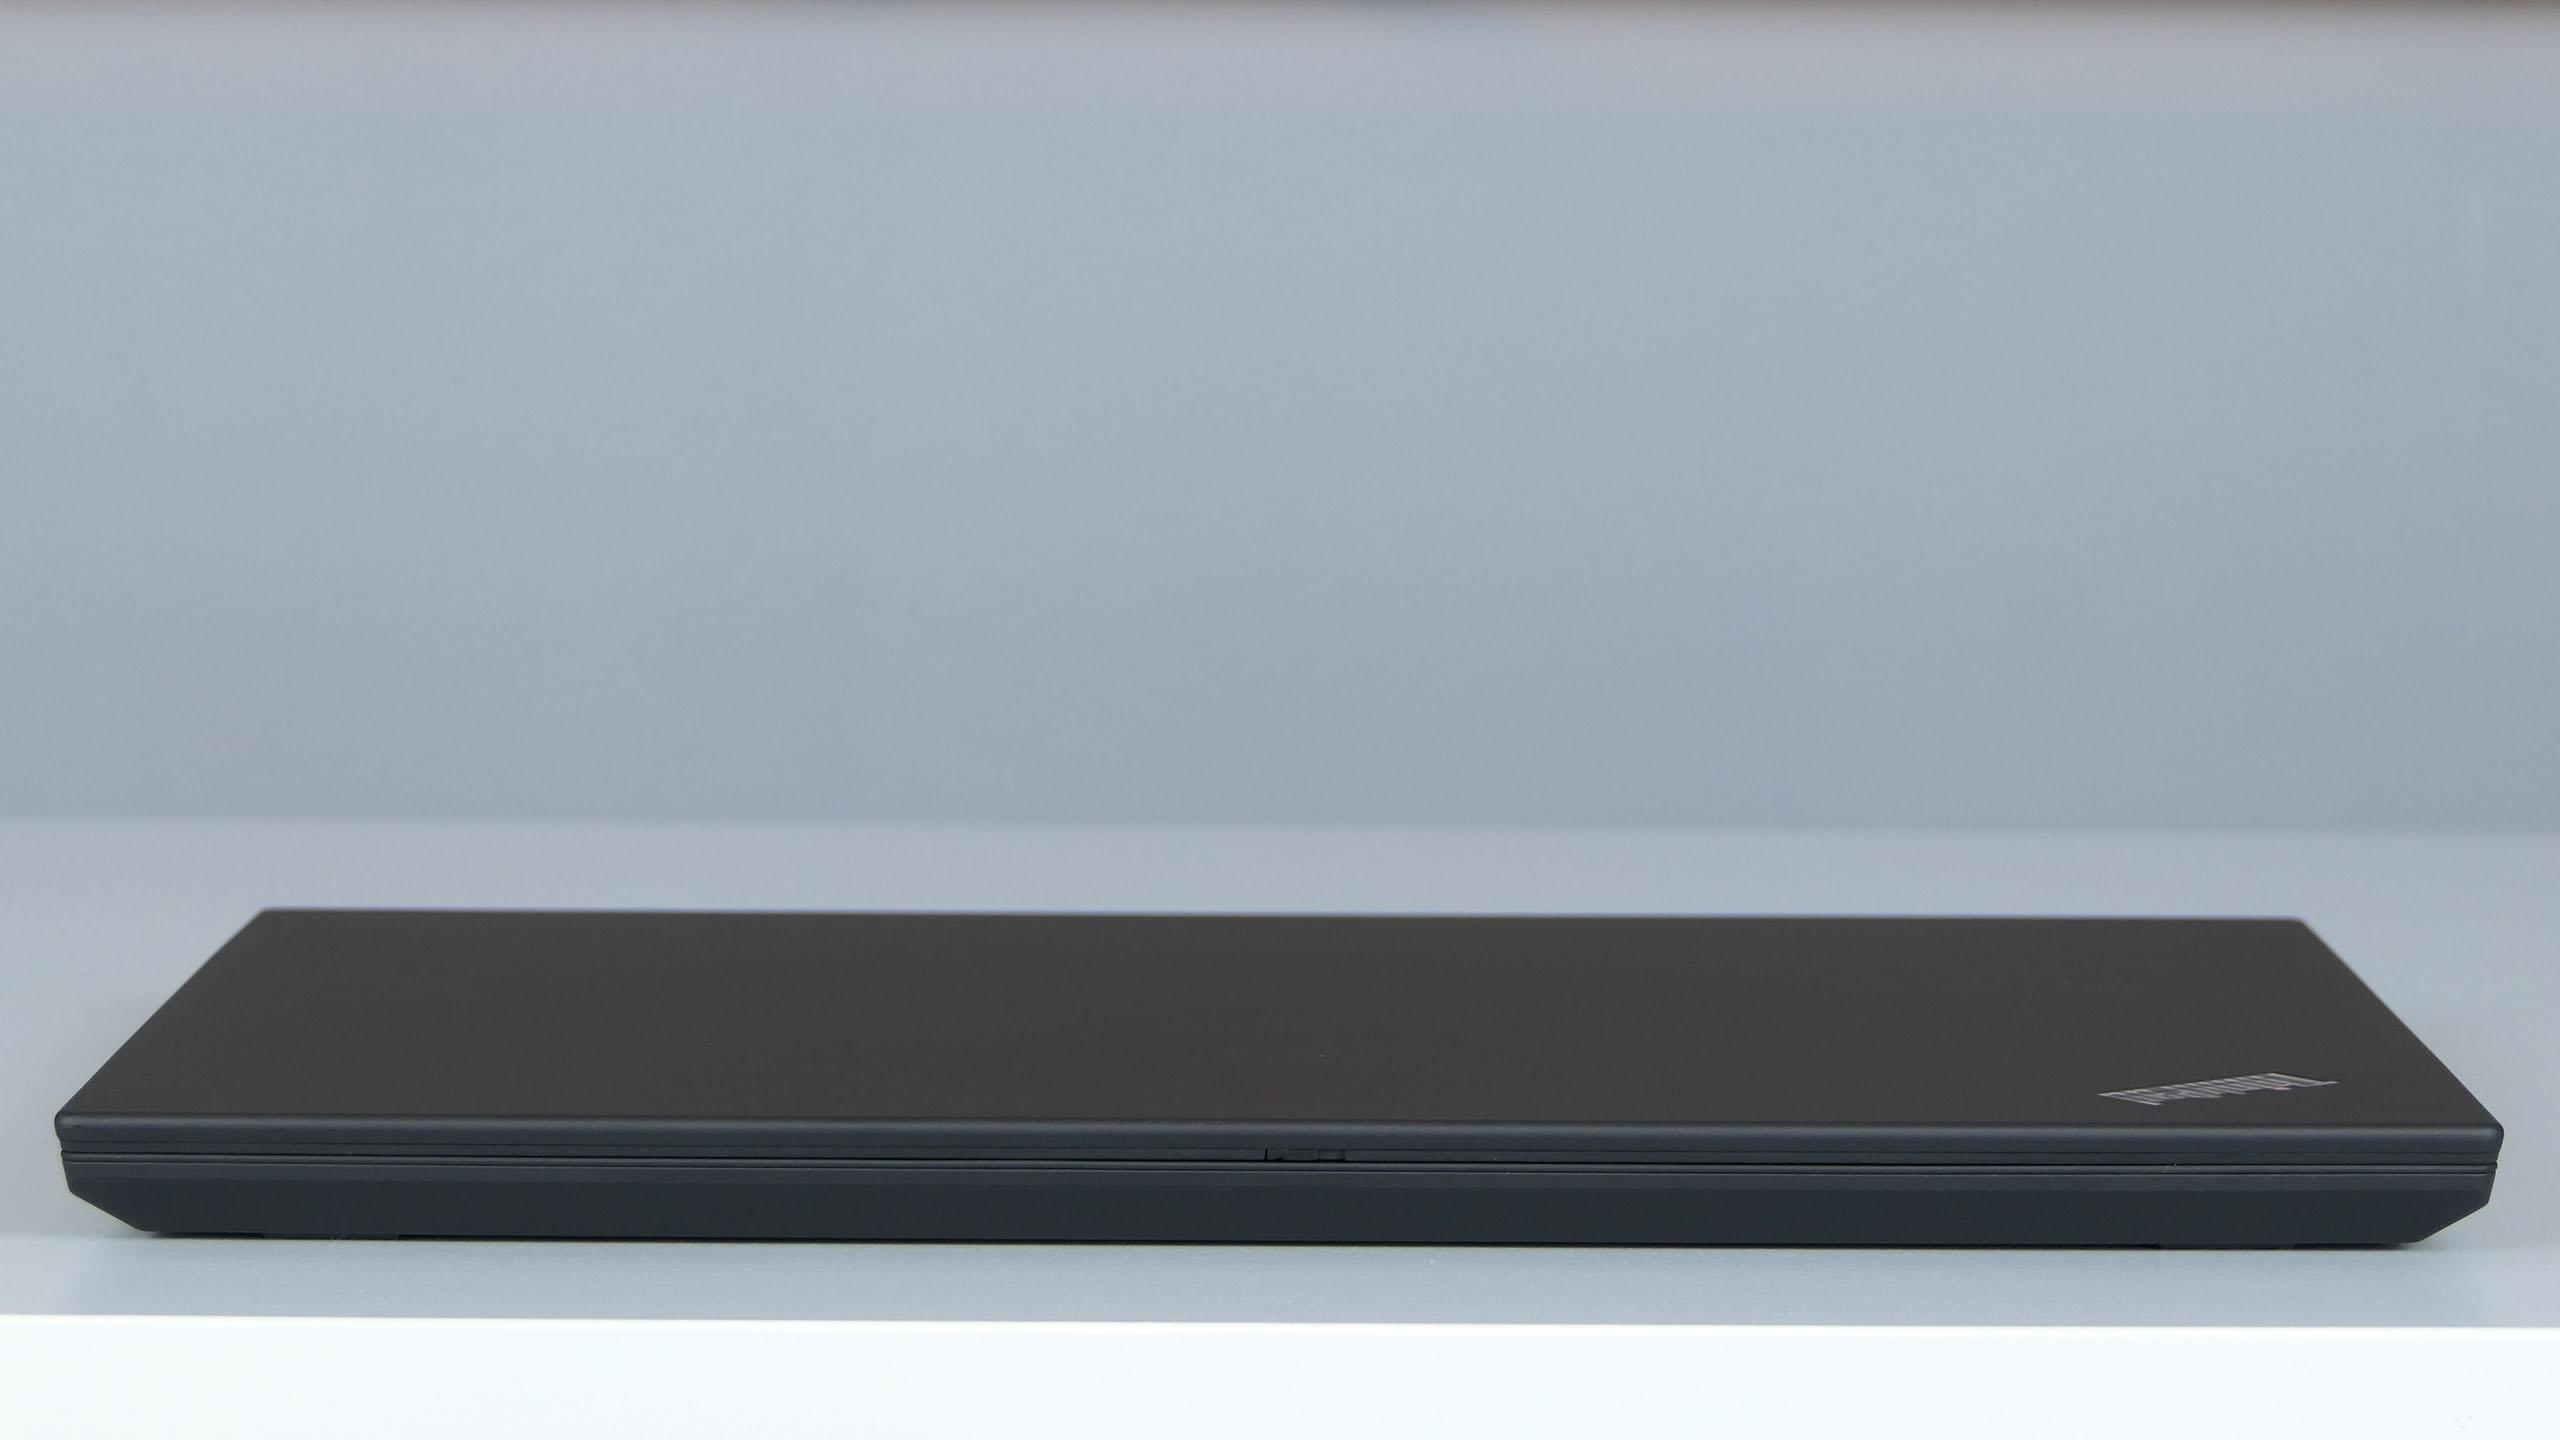 Lenovo ThinkPad P53s - front notebooka